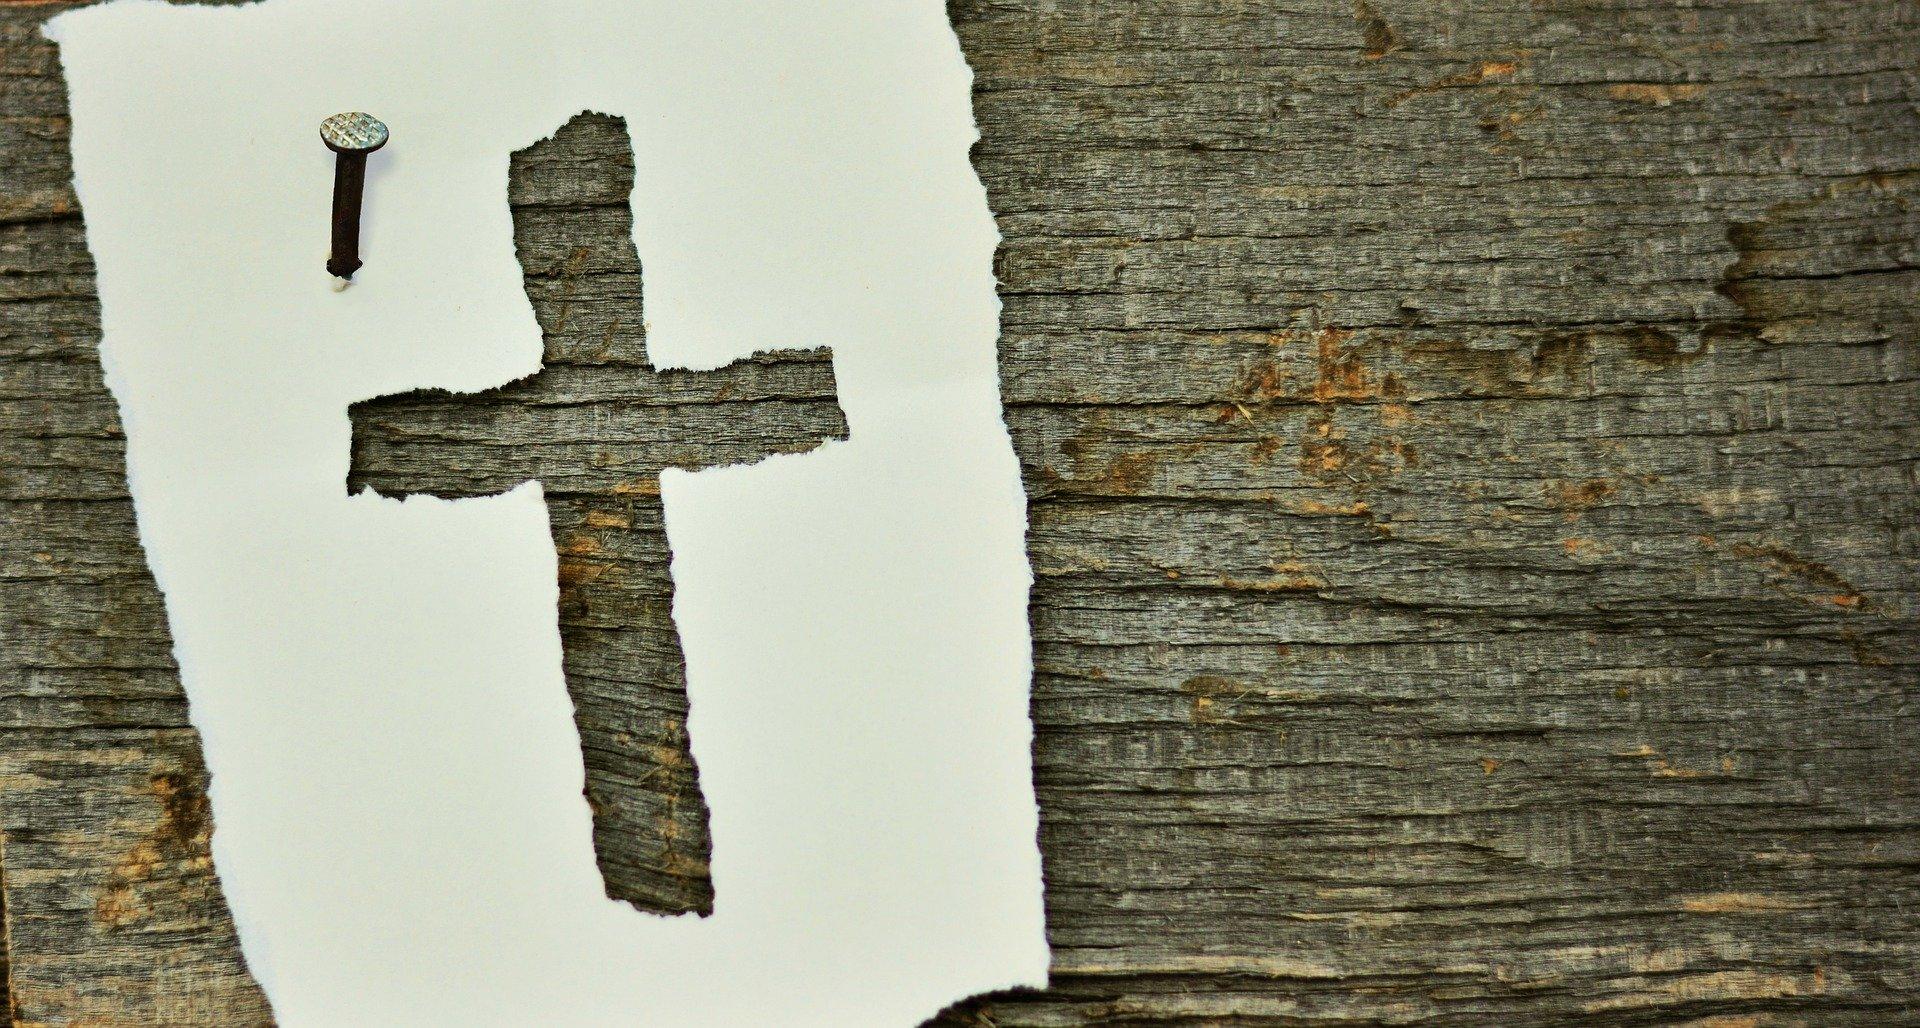 Juleica Osterkurs – Ein Kurs für Dich und Deine Beziehung zu Gott